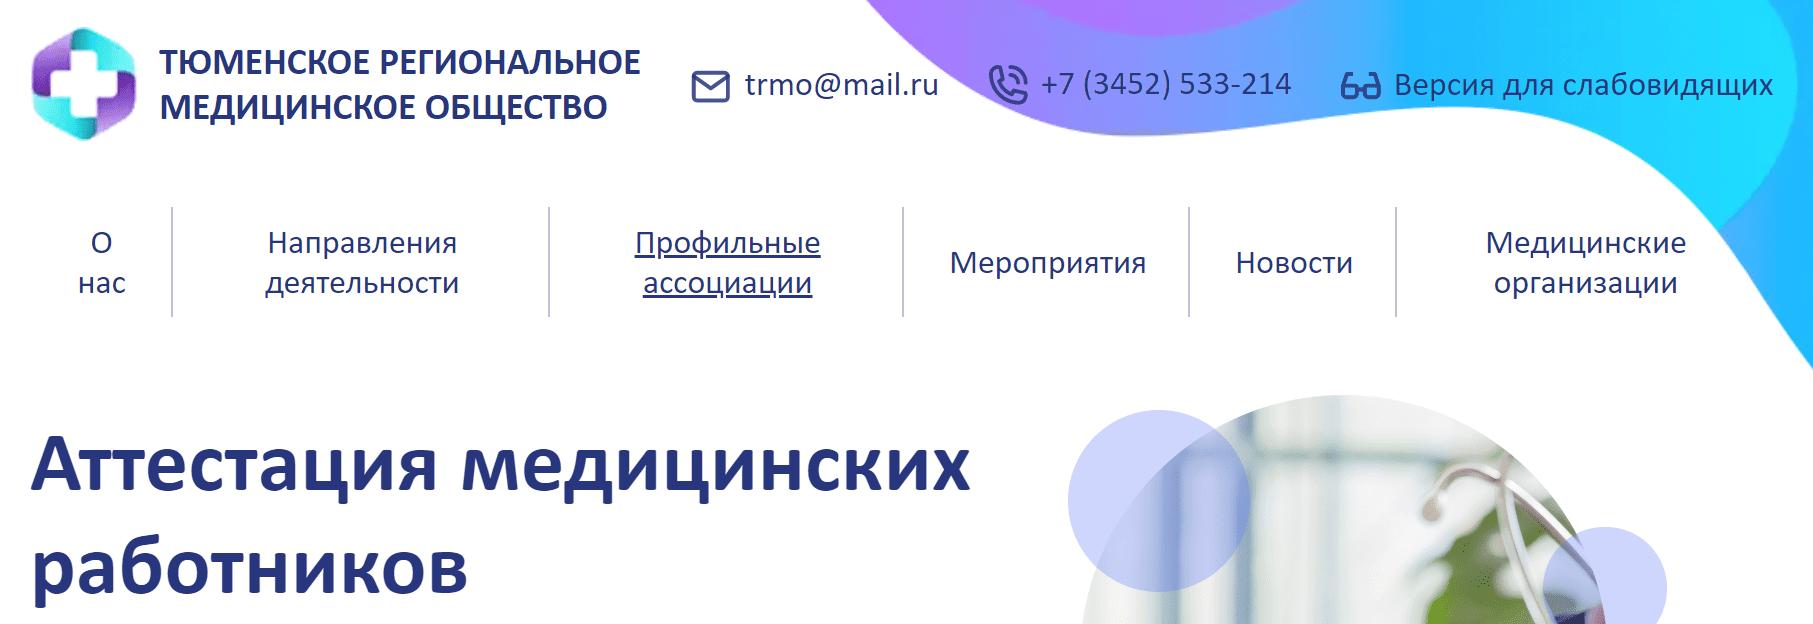 Ссылка на официальный сайт образовательного учреждения ТРМО